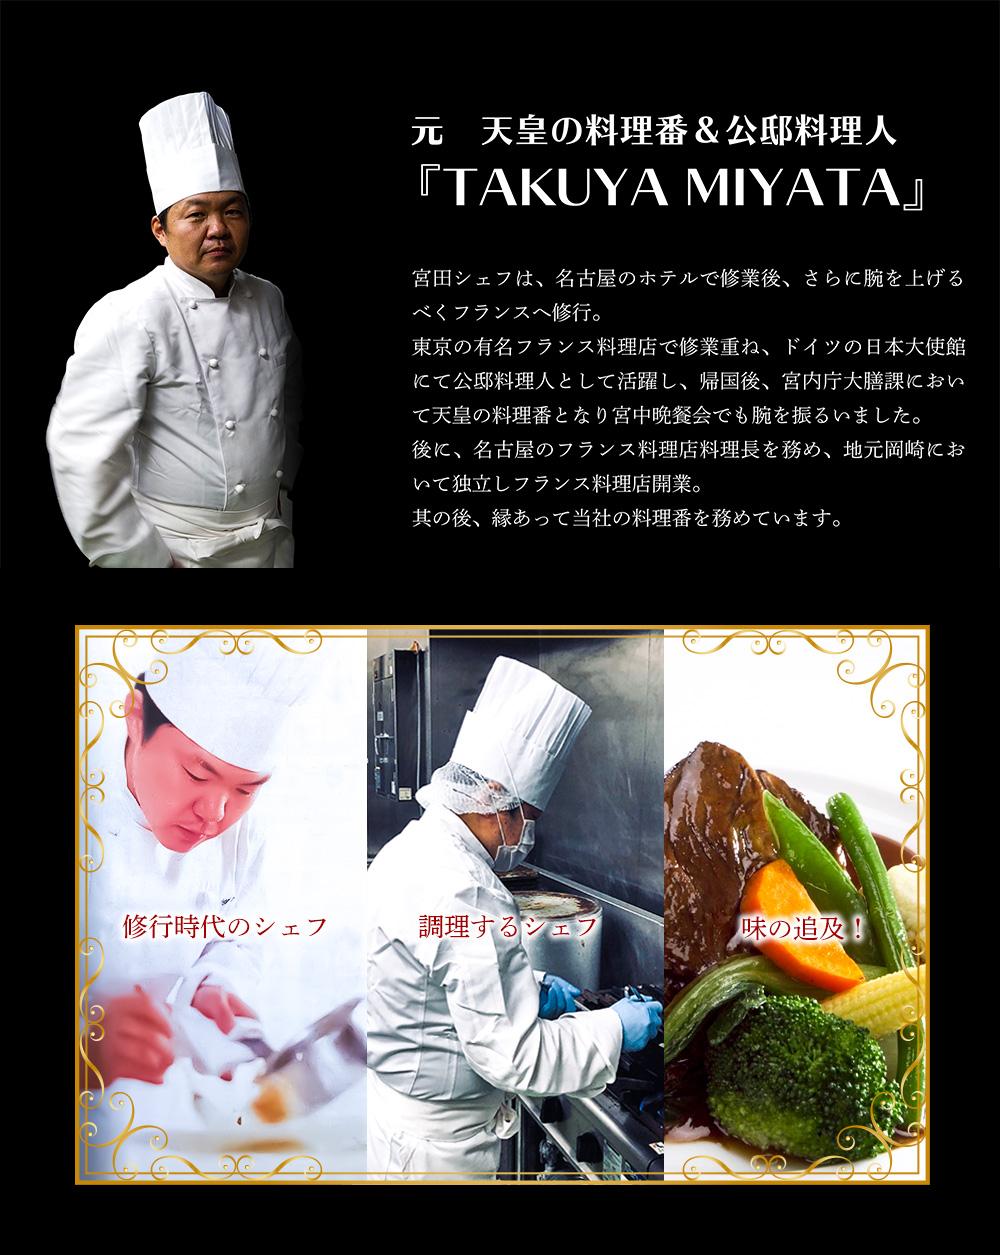 【冷凍配送】宮田シェフの牛ほほ肉の赤ワイン煮込み  [ お家でシチュー/煮込み料理/通販/お取り寄せ ]